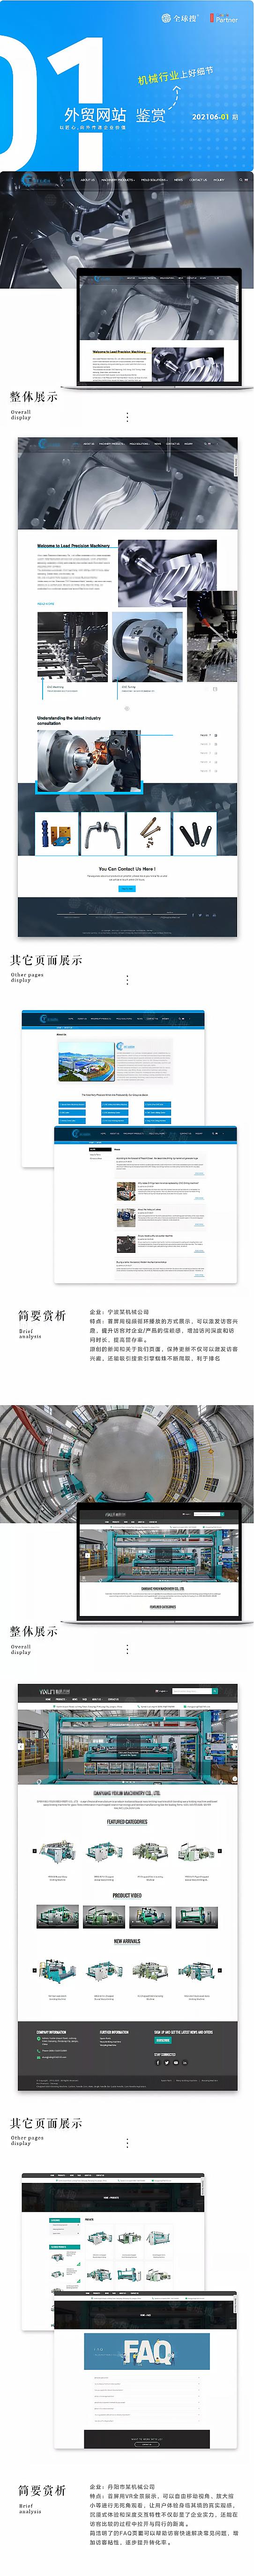 全球搜外贸营销型网站赏析-机械行业